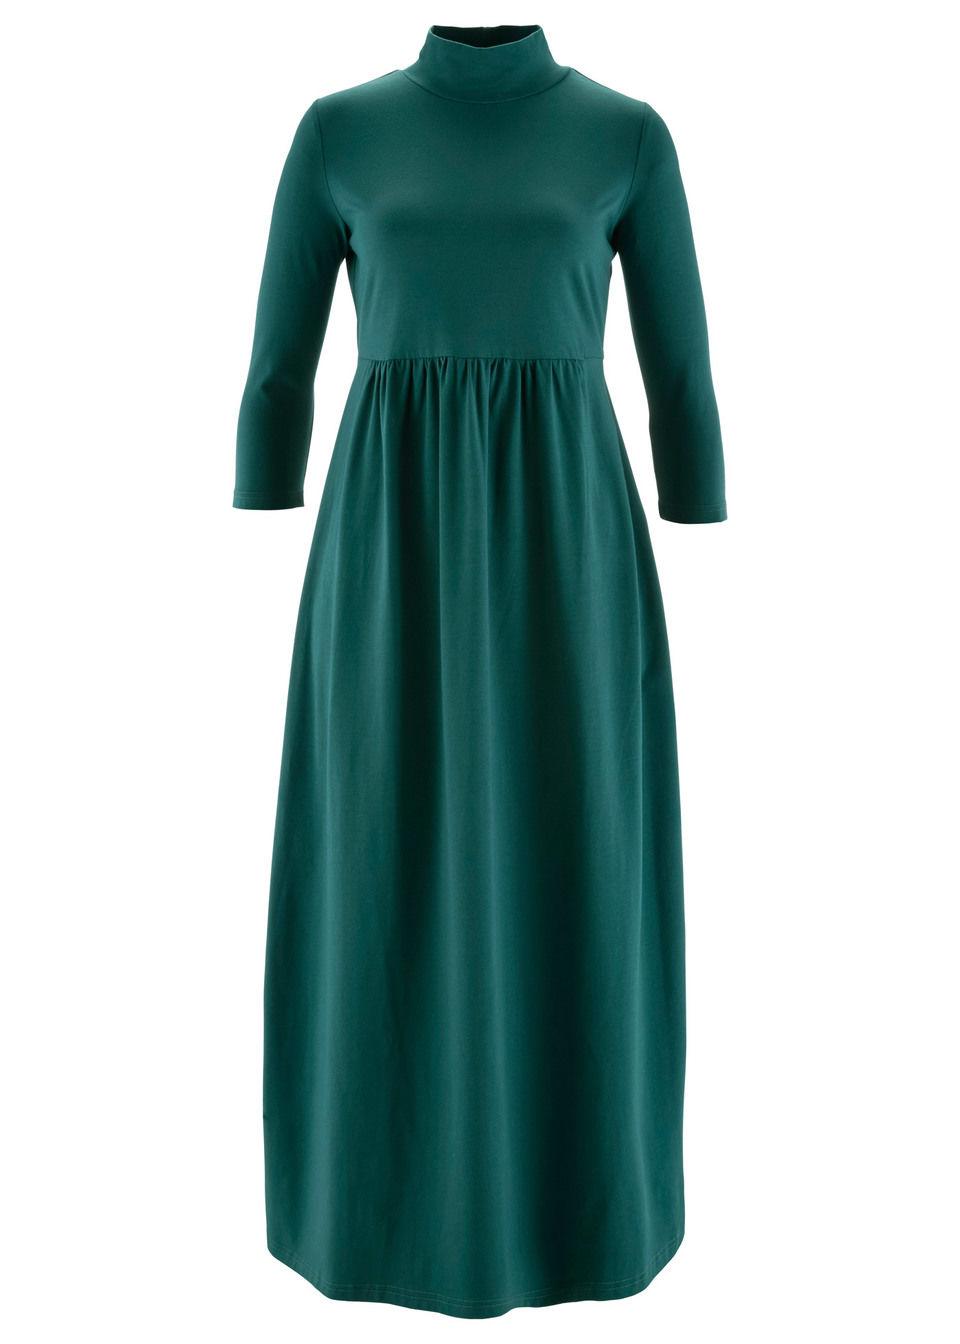 Sukienka shirtowa midi, rękawy 3/4 bonprix niebieskozielony